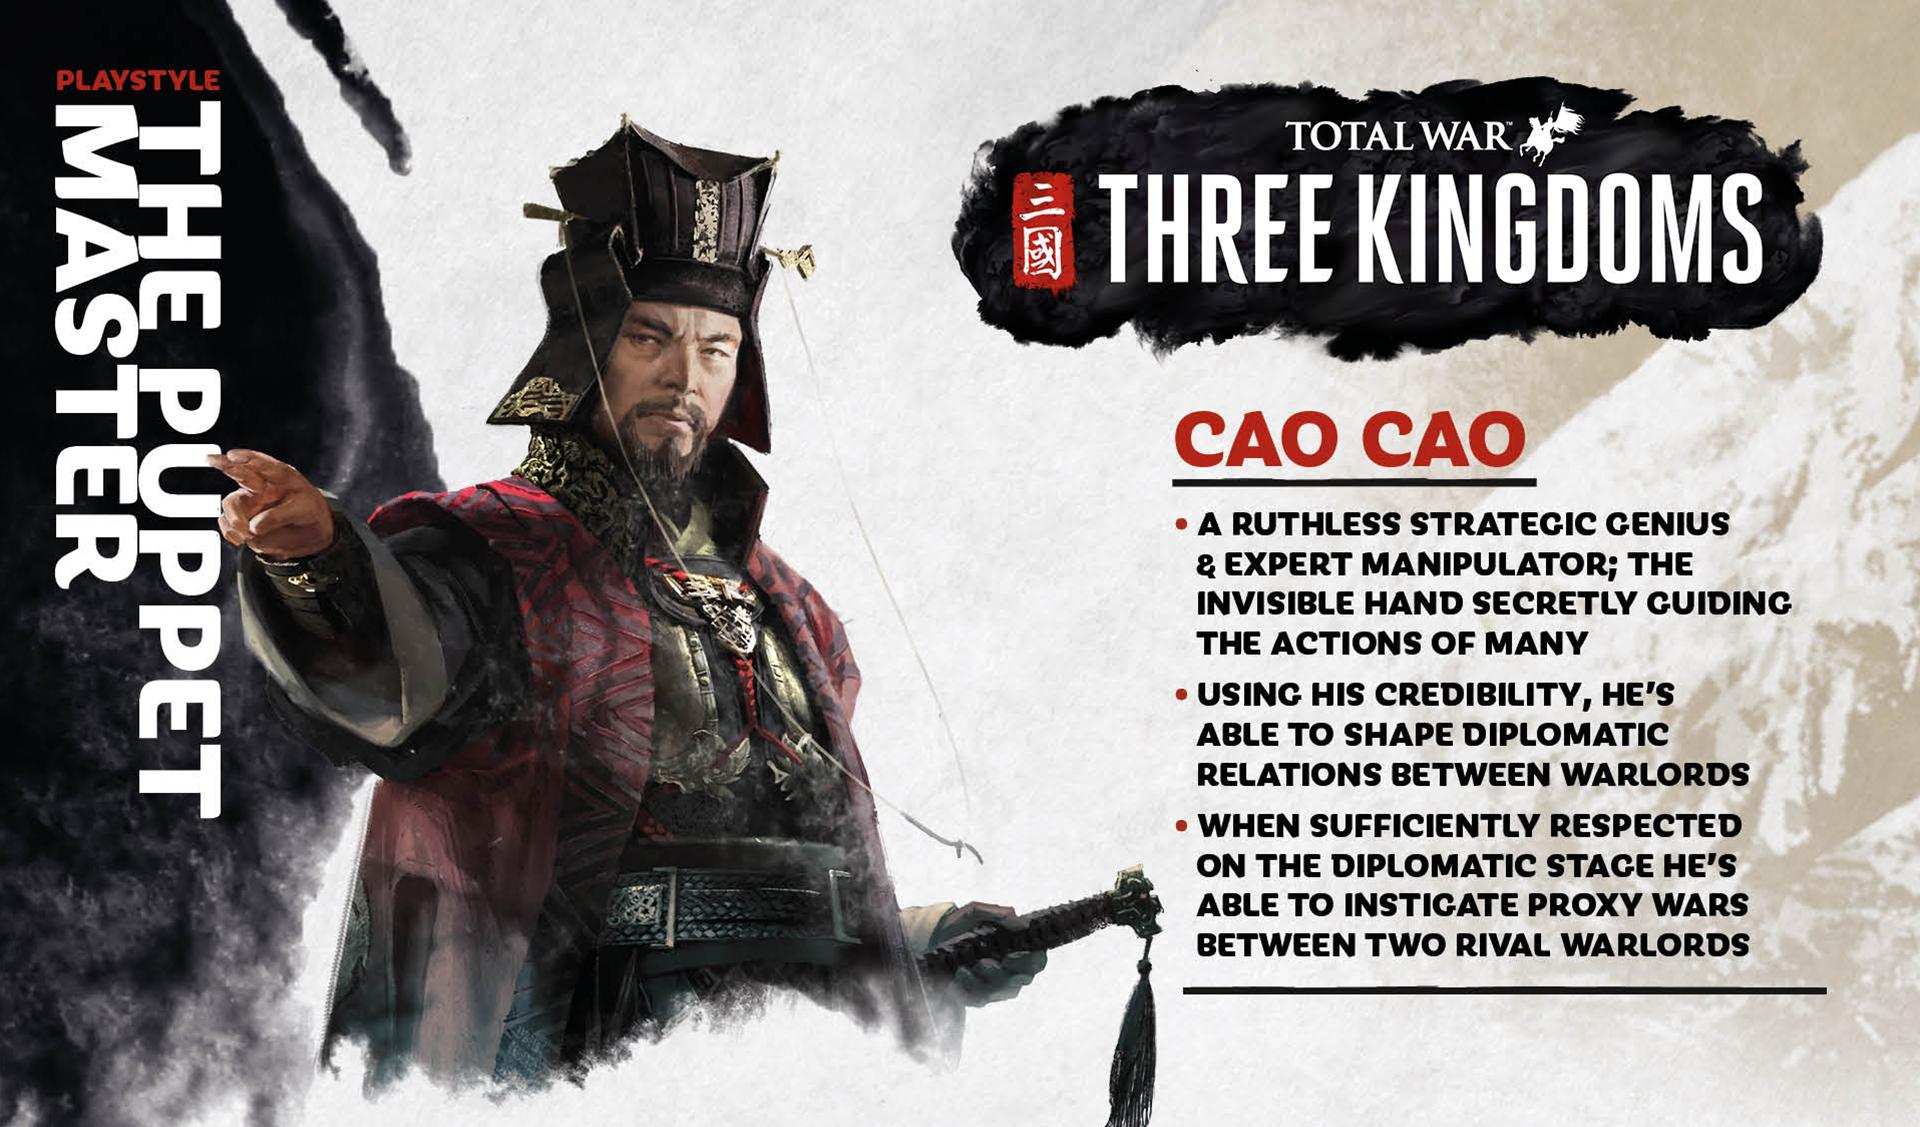 Cao Cao yuan shao